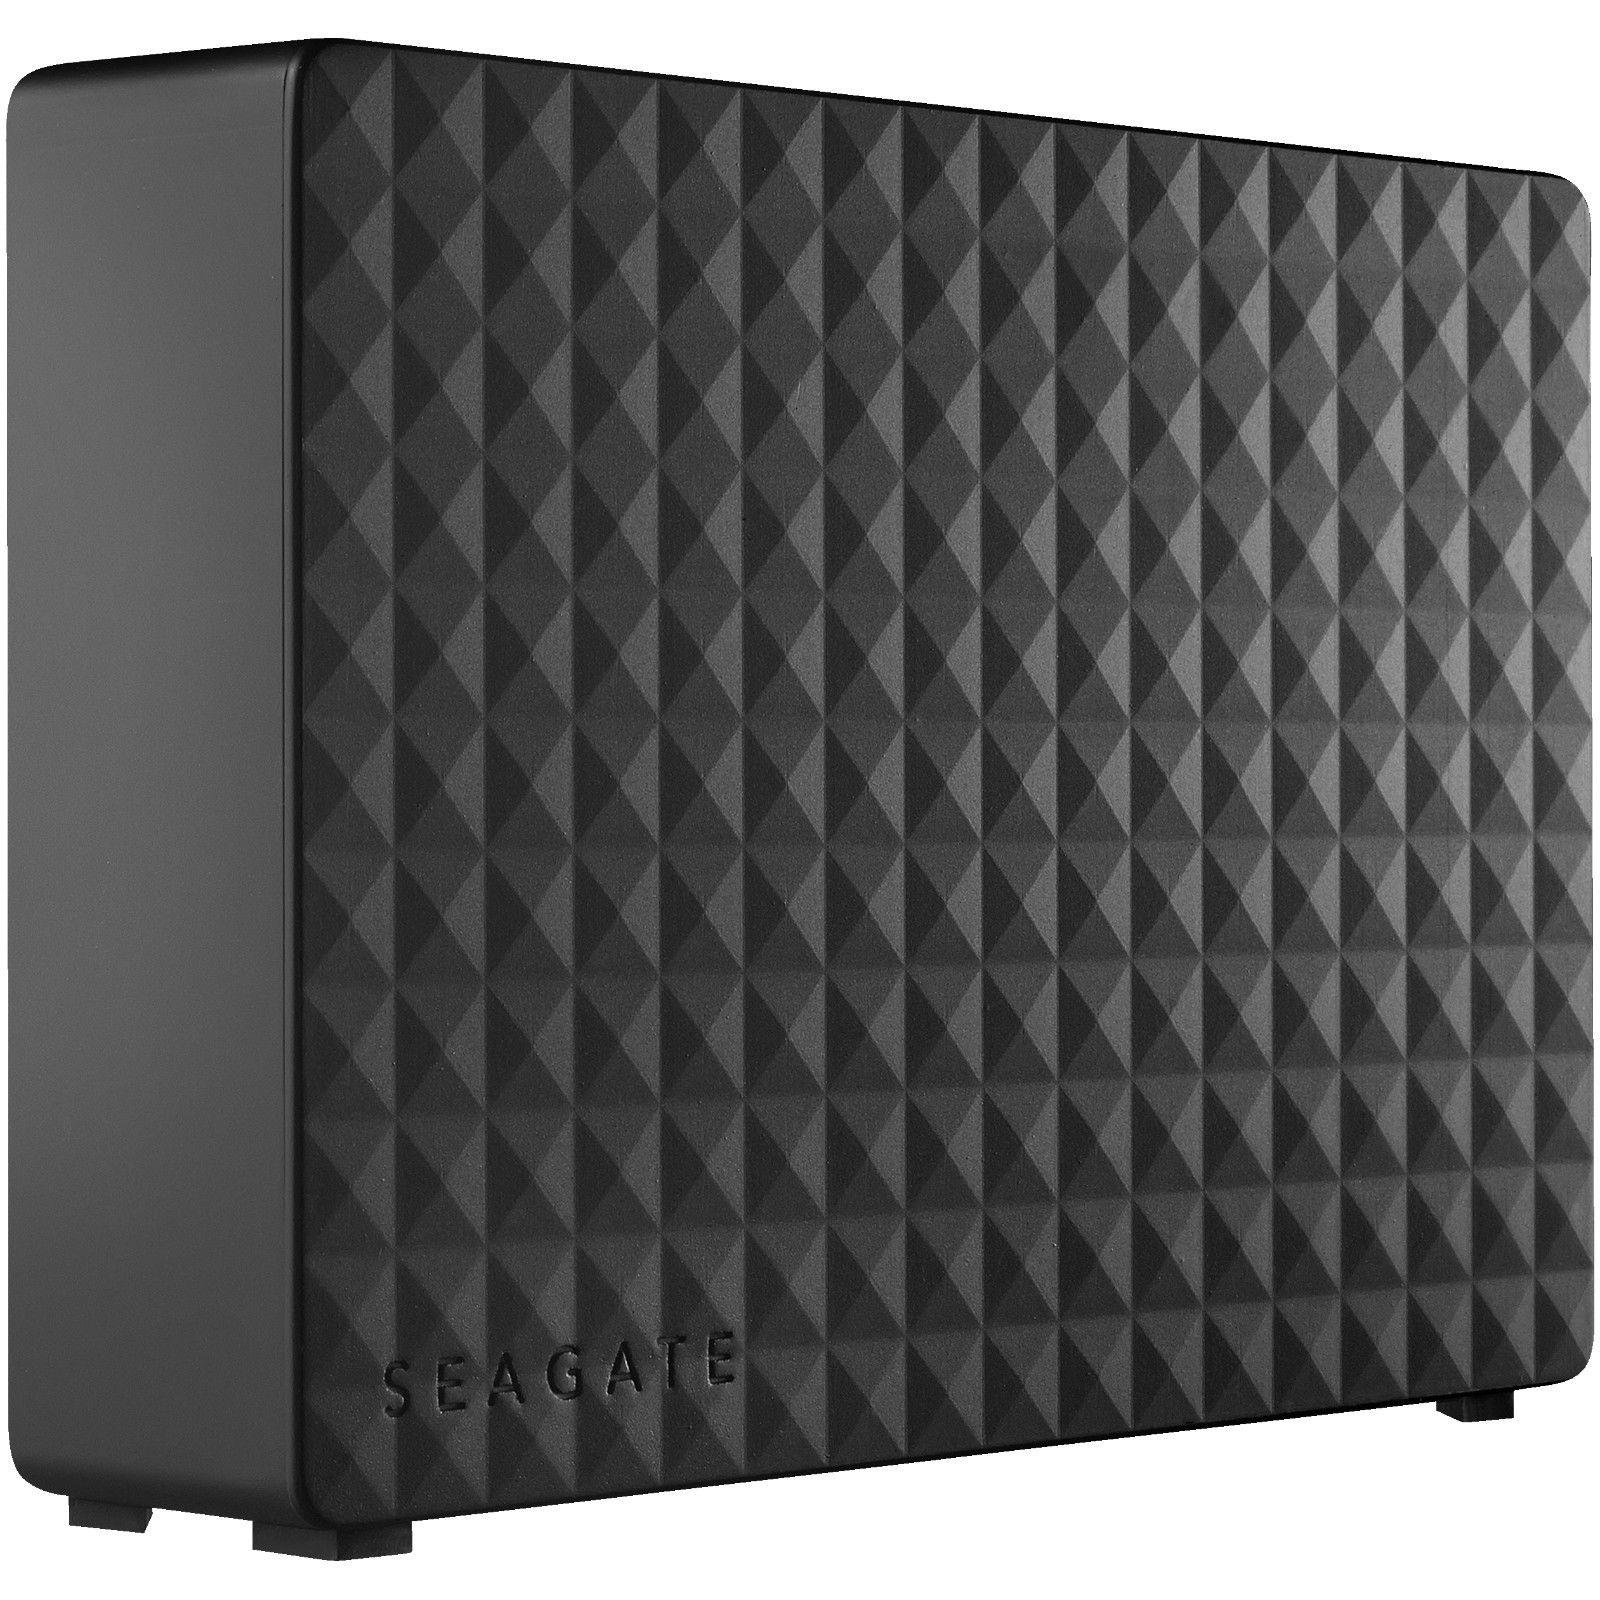 Bild zu Externe 3,5 Zoll Festplatte Seagate Expansion+ (4 TB) für 88€ (Vergleich: 101,98€)